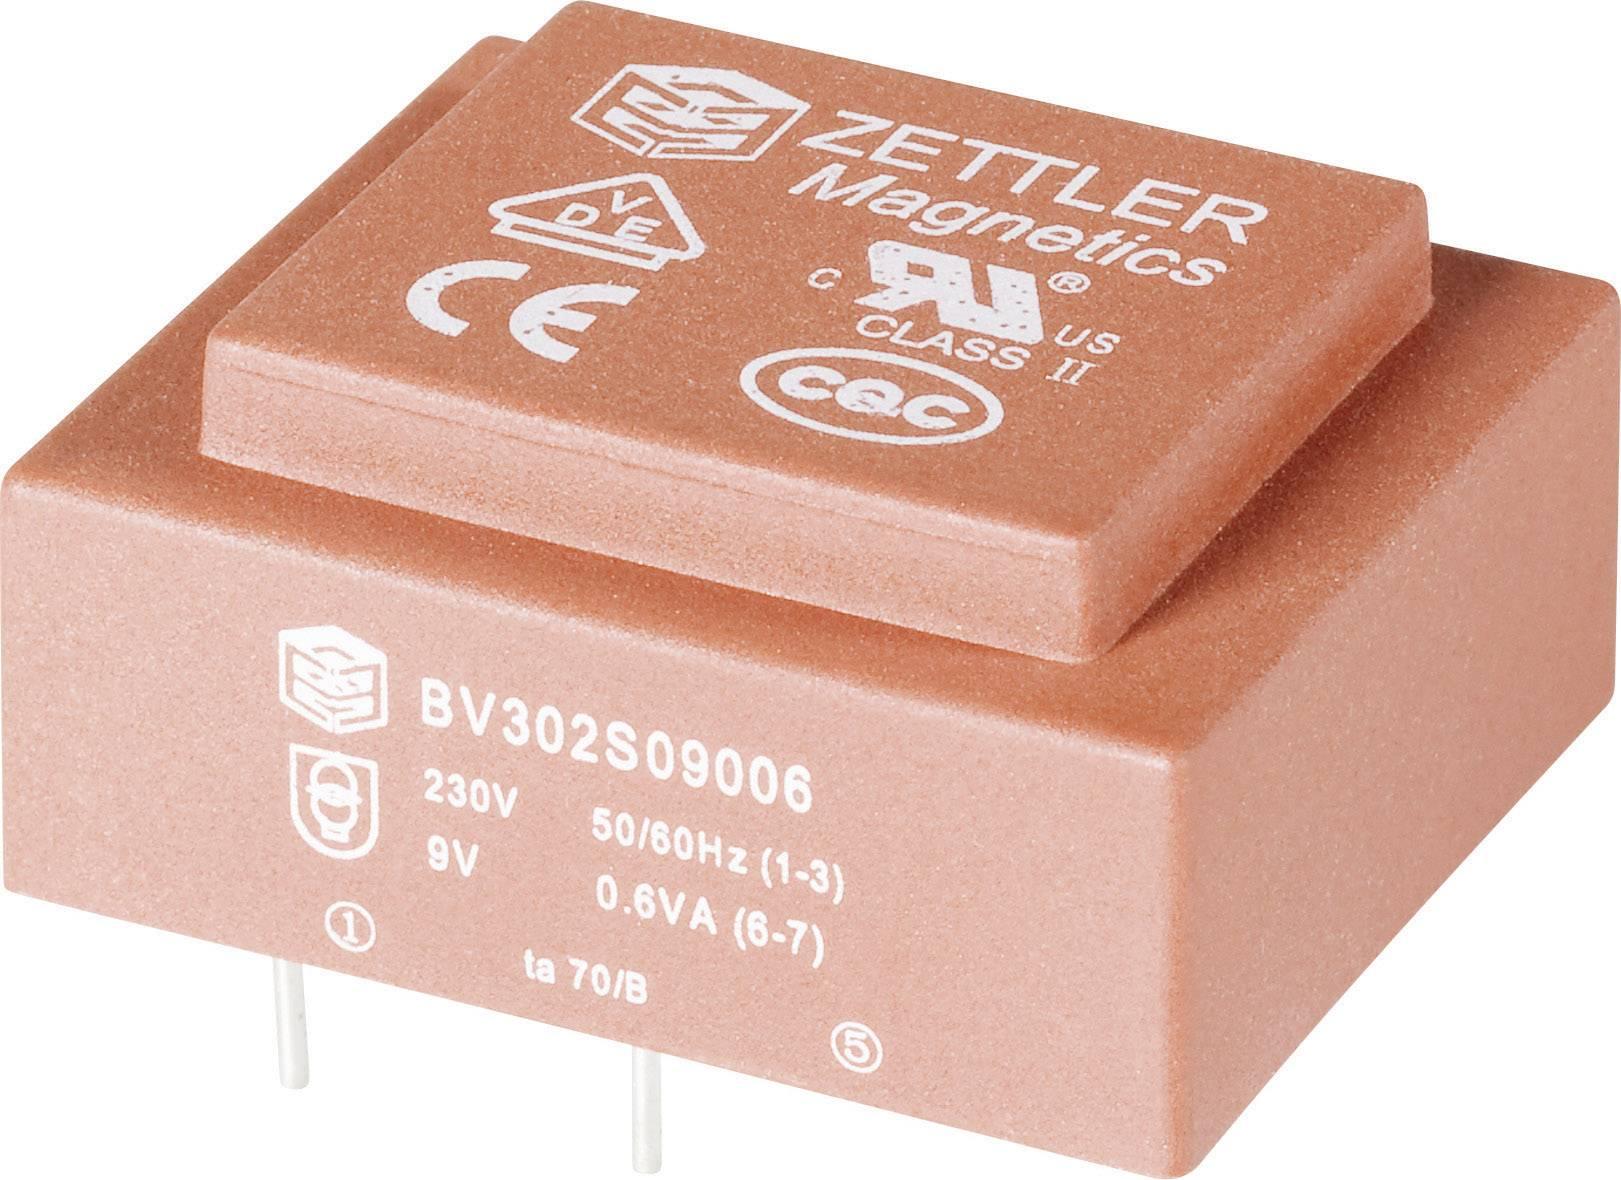 Transformátor do DPS Zettler Magnetics El30, 230 V/2x 9 V, 2x 33 mA, 1,5 VA